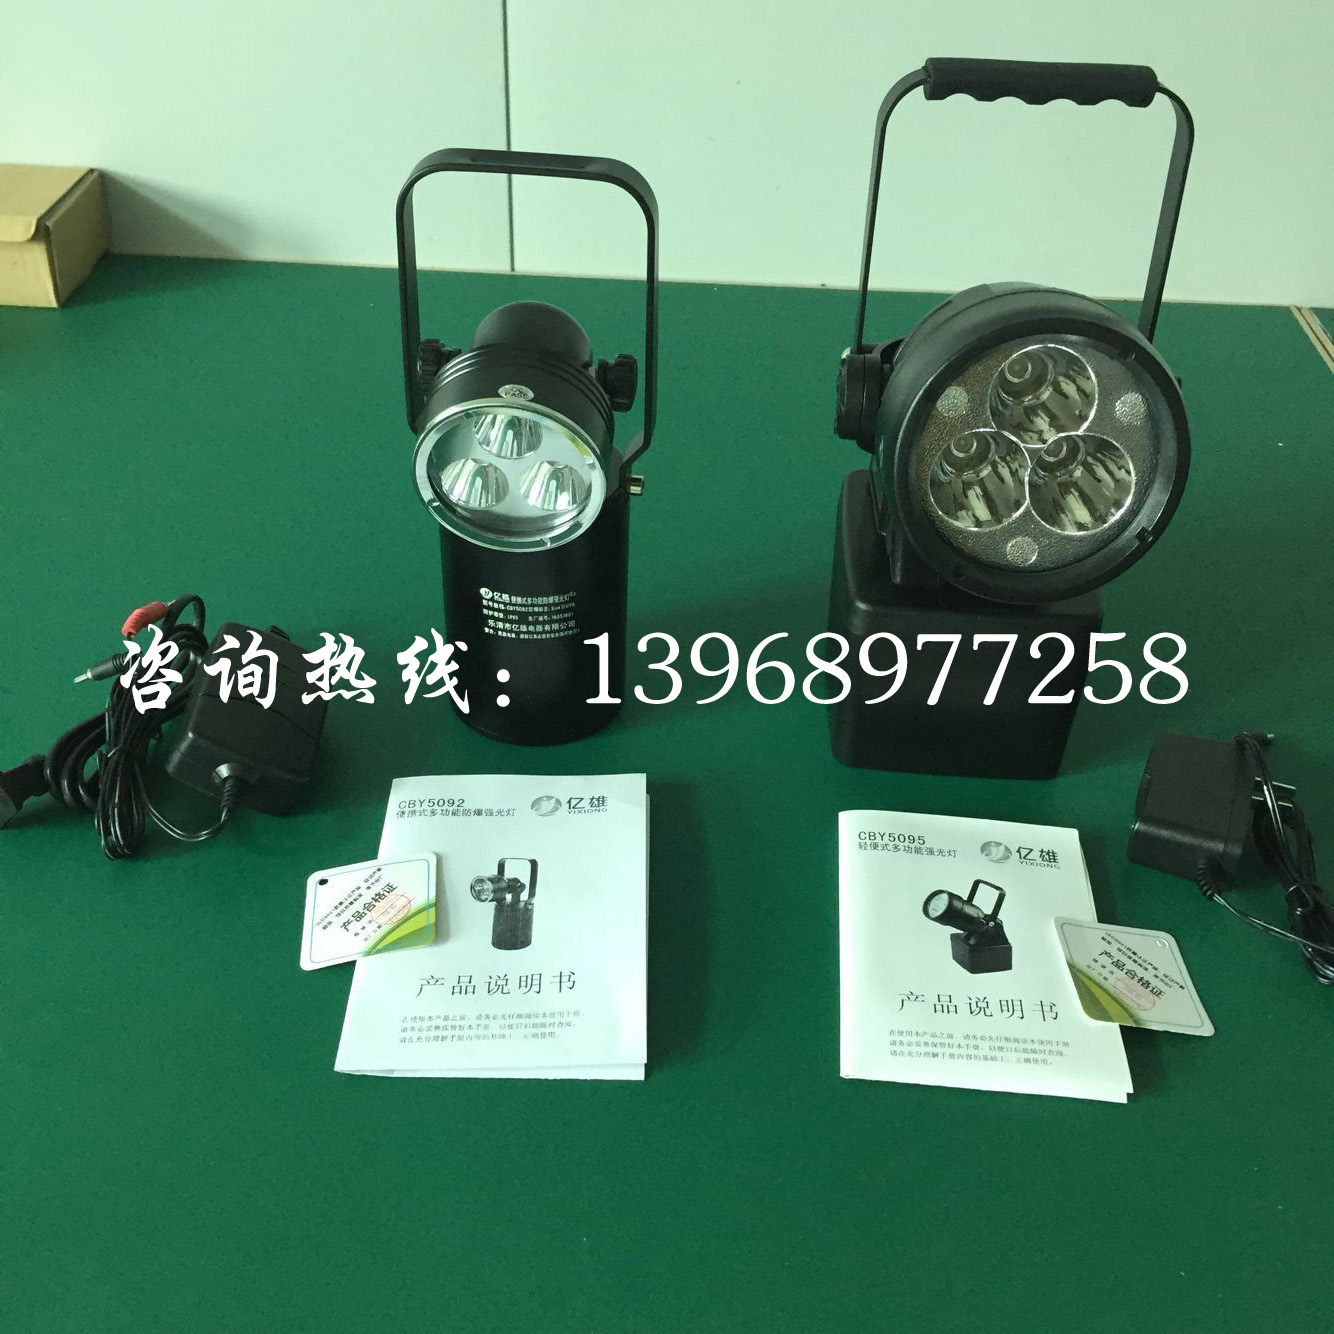 亿雄CBY5092便携式防爆磁铁灯磁吸式便携式检修灯led强光磁铁灯